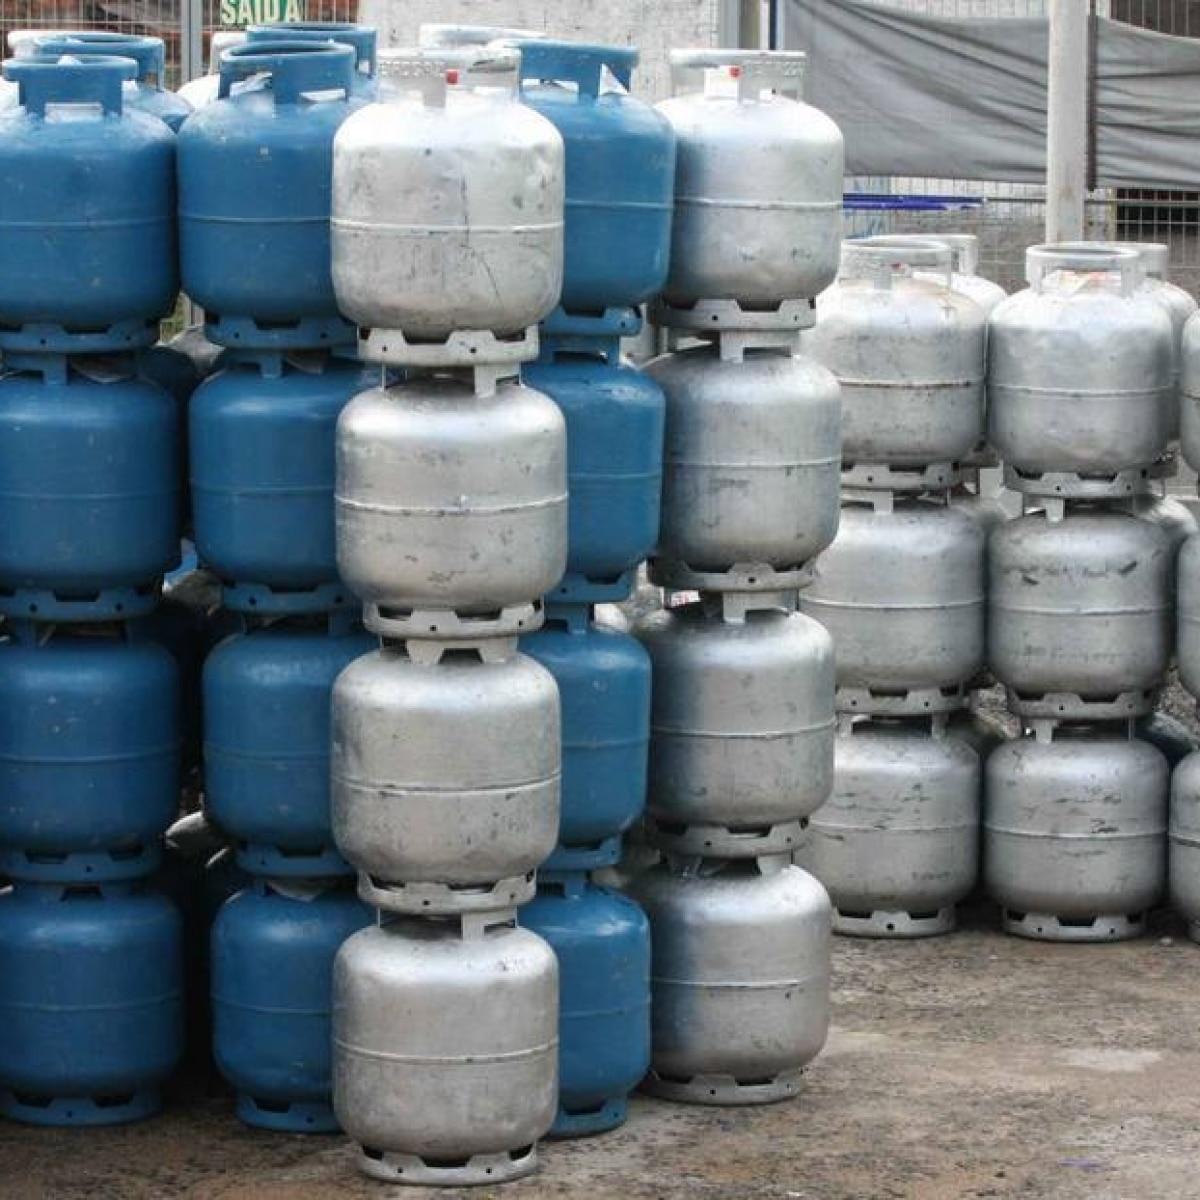 Petrobrás altera política de preços para botijão de gás - Economia - Estadão